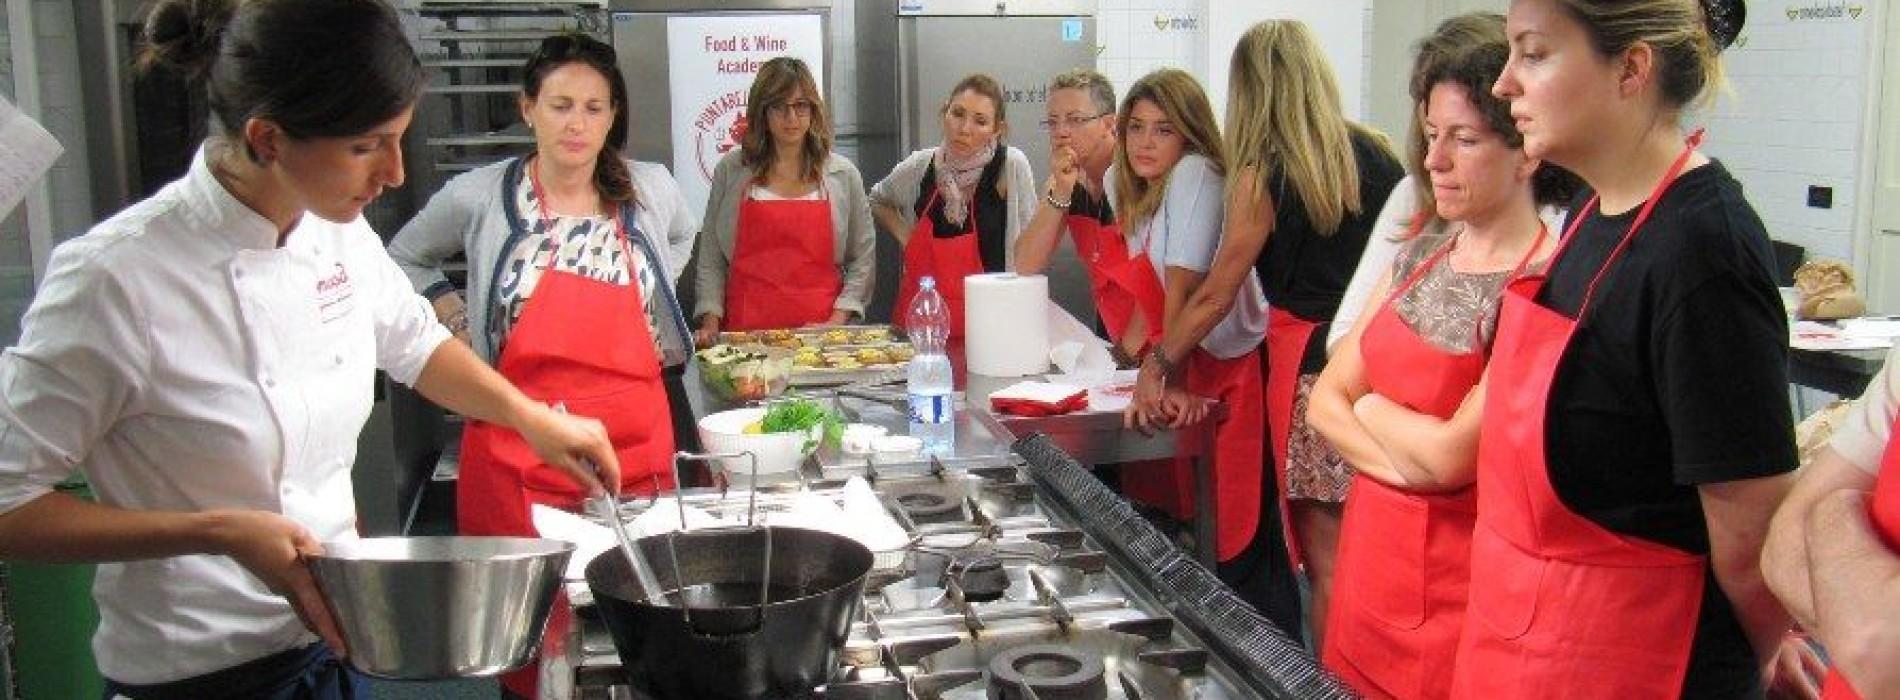 Corsi di cucina Roma e tour, Food & Wine Academy Puntarella Rossa